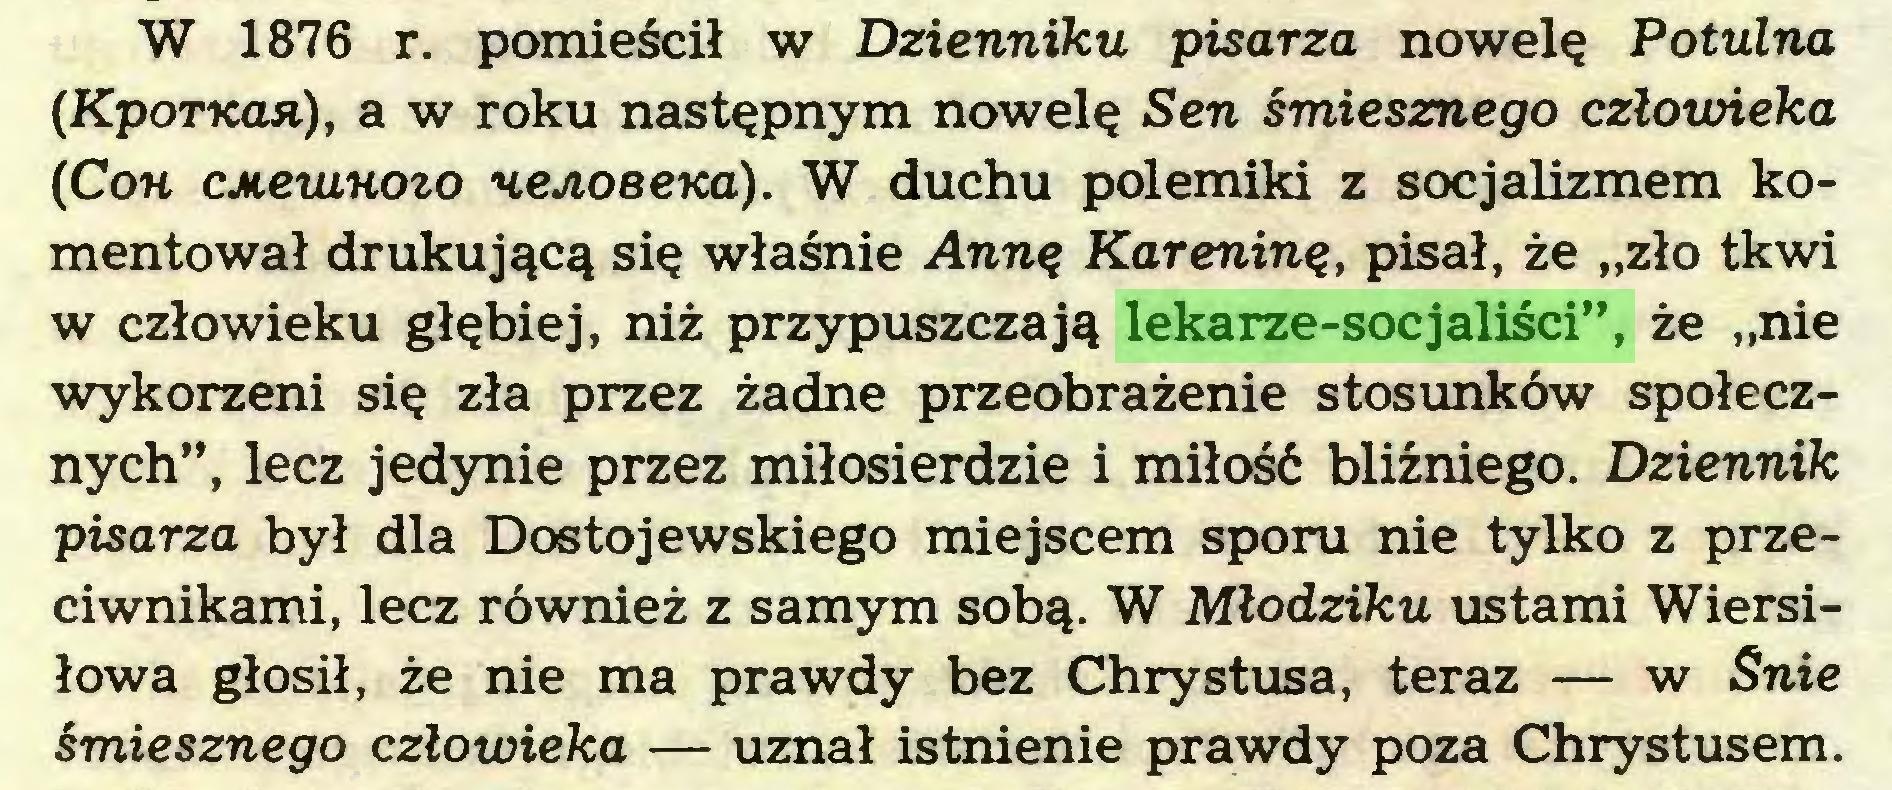 """(...) W 1876 r. pomieścił w Dzienniku pisarza nowelę Potulna (KpoTKon), a w roku następnym nowelę Sen śmiesznego człowieka (Coh cjneuiHoio nejioeena). W duchu polemiki z socjalizmem komentował drukującą się właśnie Anną Kareniną, pisał, że """"zło tkwi w człowieku głębiej, niż przypuszczają lekarze-socjaliści"""", że """"nie wykorzeni się zła przez żadne przeobrażenie stosunków społecznych"""", lecz jedynie przez miłosierdzie i miłość bliźniego. Dziennik pisarza był dla Dostojewskiego miejscem sporu nie tylko z przeciwnikami, lecz również z samym sobą. W Młodziku ustami Wiersiłowa głosił, że nie ma prawdy bez Chrystusa, teraz — w Śnie śmiesznego człowieka — uznał istnienie prawdy poza Chrystusem..."""